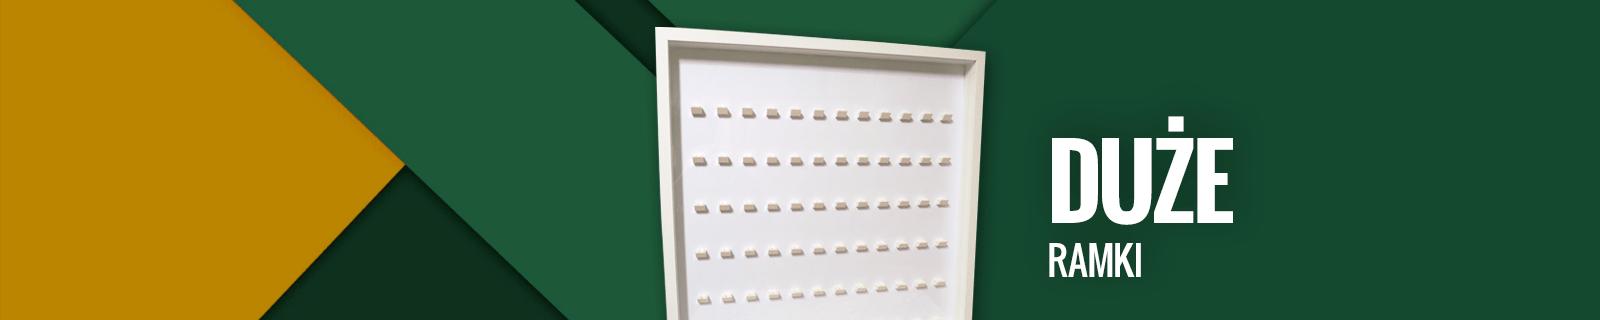 Duża ramka klasyczna na minifigurki LEGO